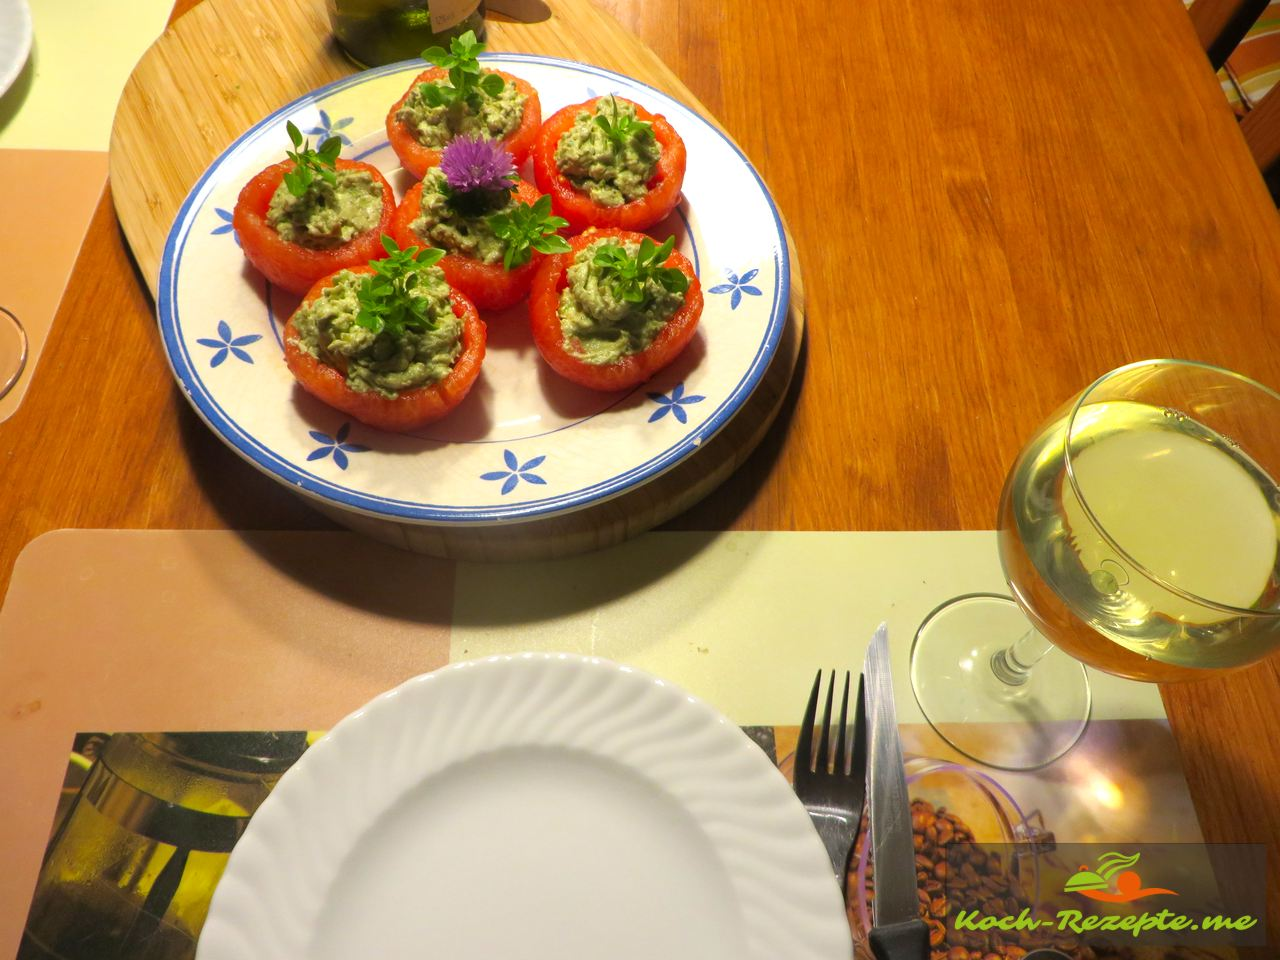 gefüllte Tomaten mit Avocado-Ziegenfrischkäse Creme